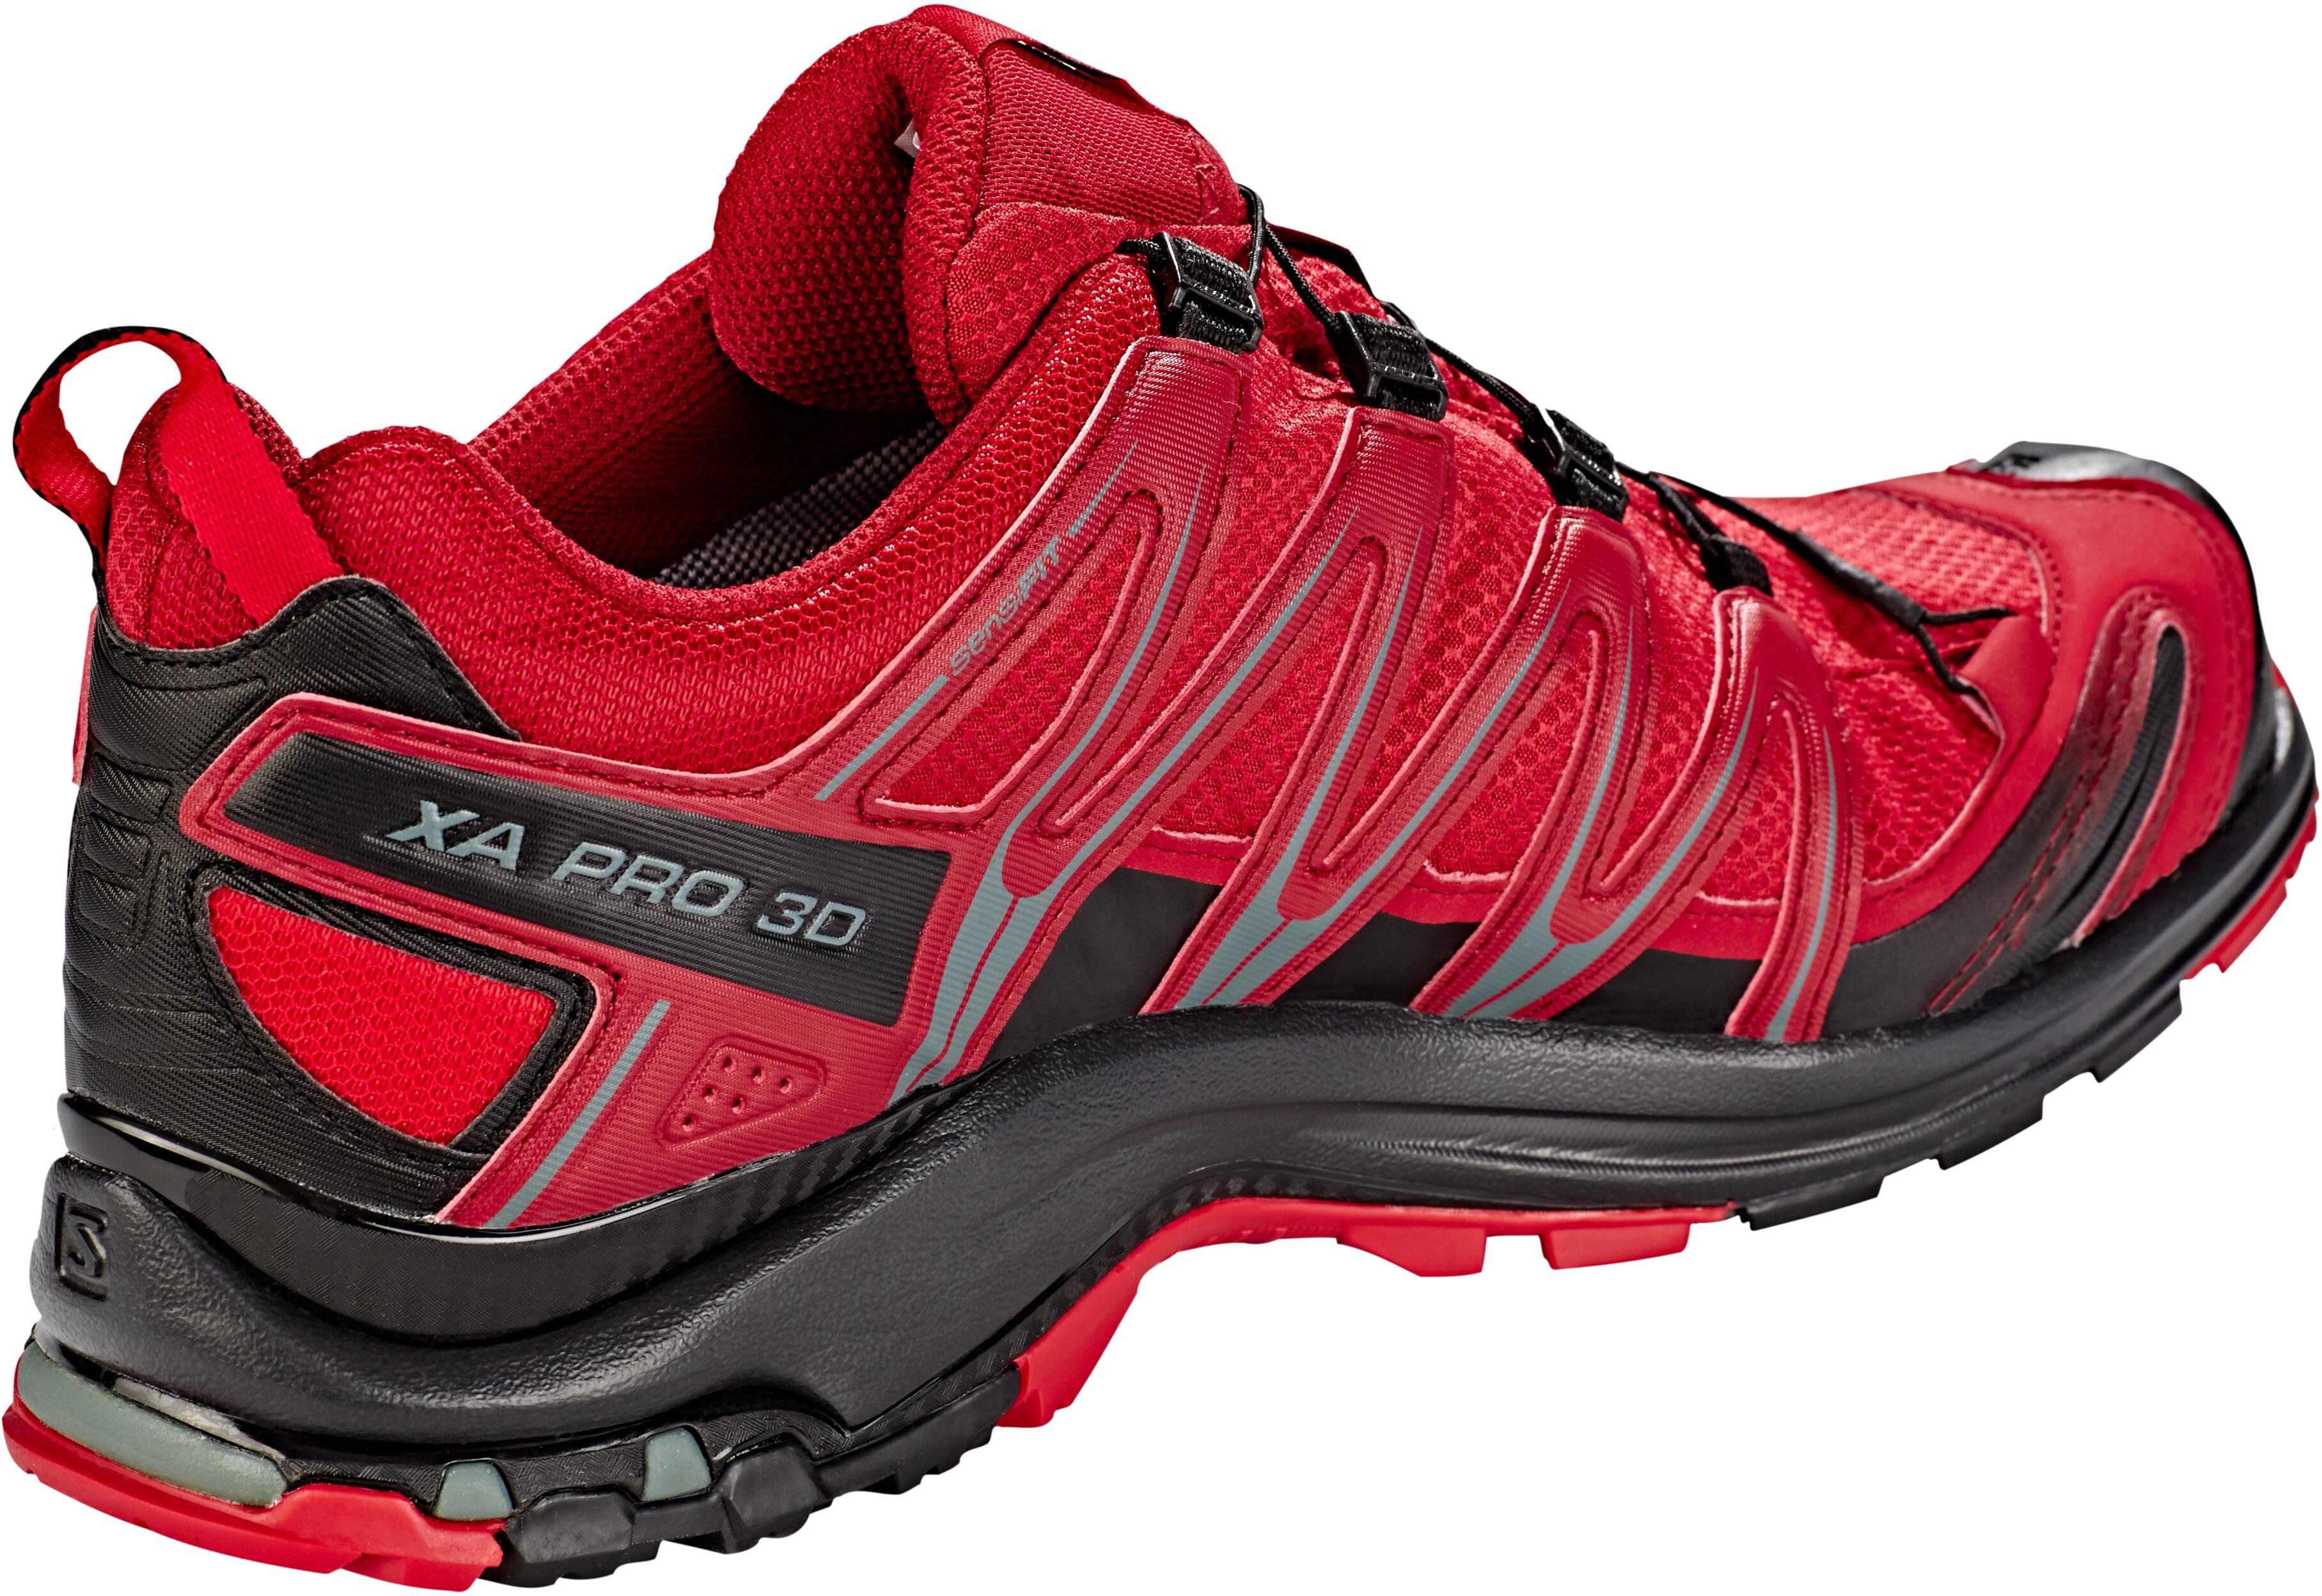 Salomon XA Pro 3D GTX Shoes Men Red Dahlia Black Barbados Cherry ... e090e17c41